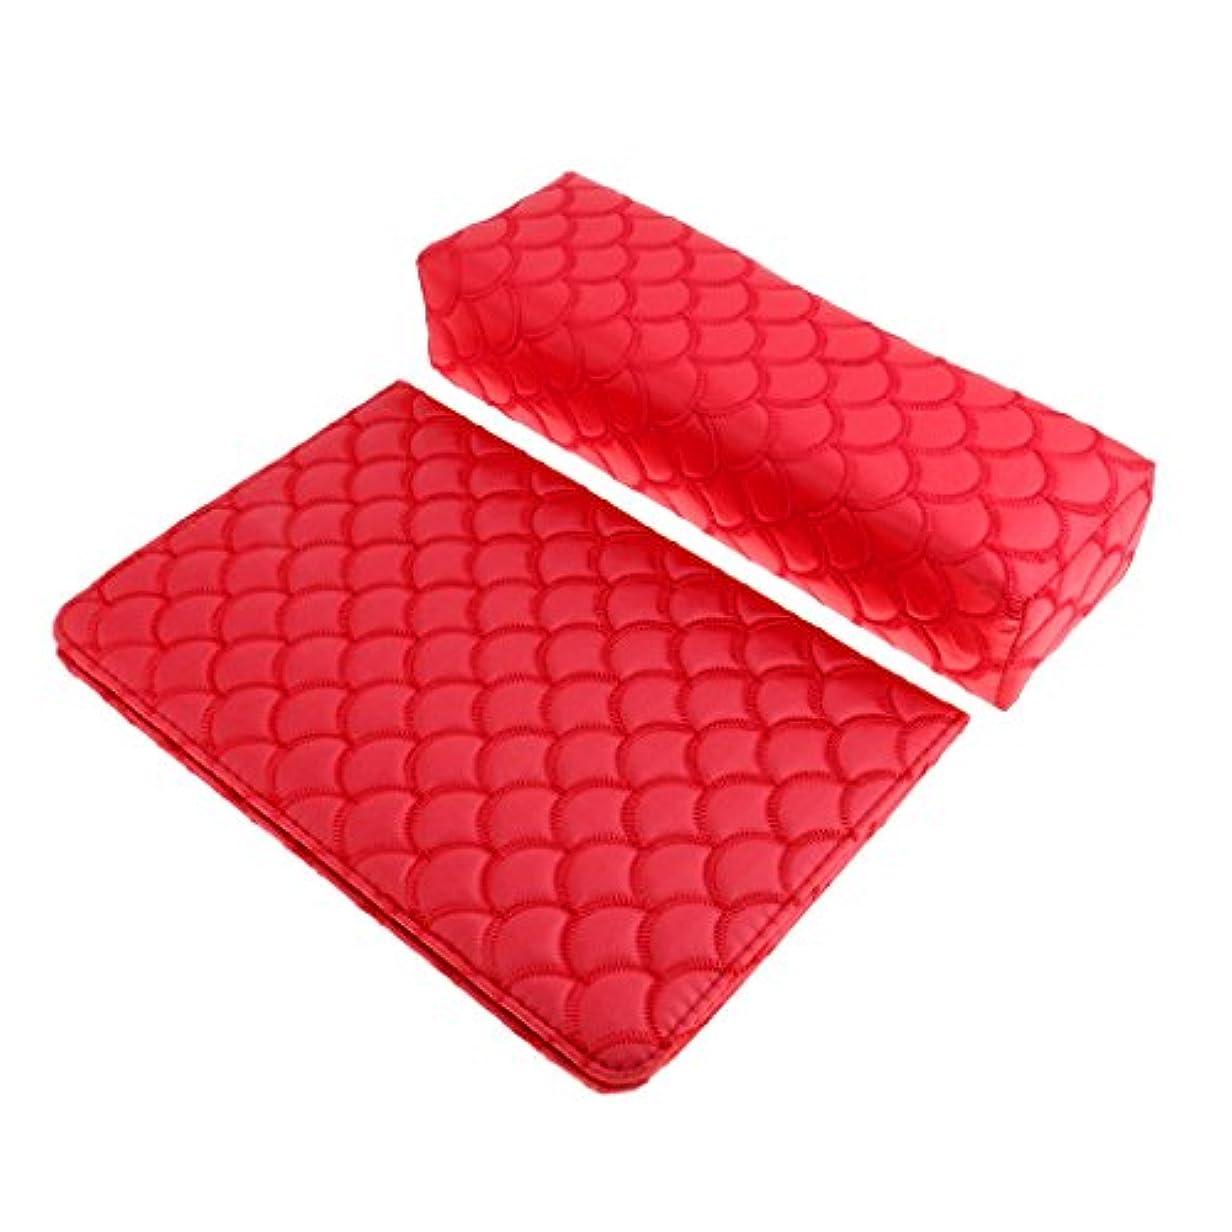 海峡ひも信頼性テクスチャーPerfeclan ソフト ハンドクッション ネイルピロー パッド ネイルアート デザイン マニキュア アームレストホルダー 多色選べる - 赤